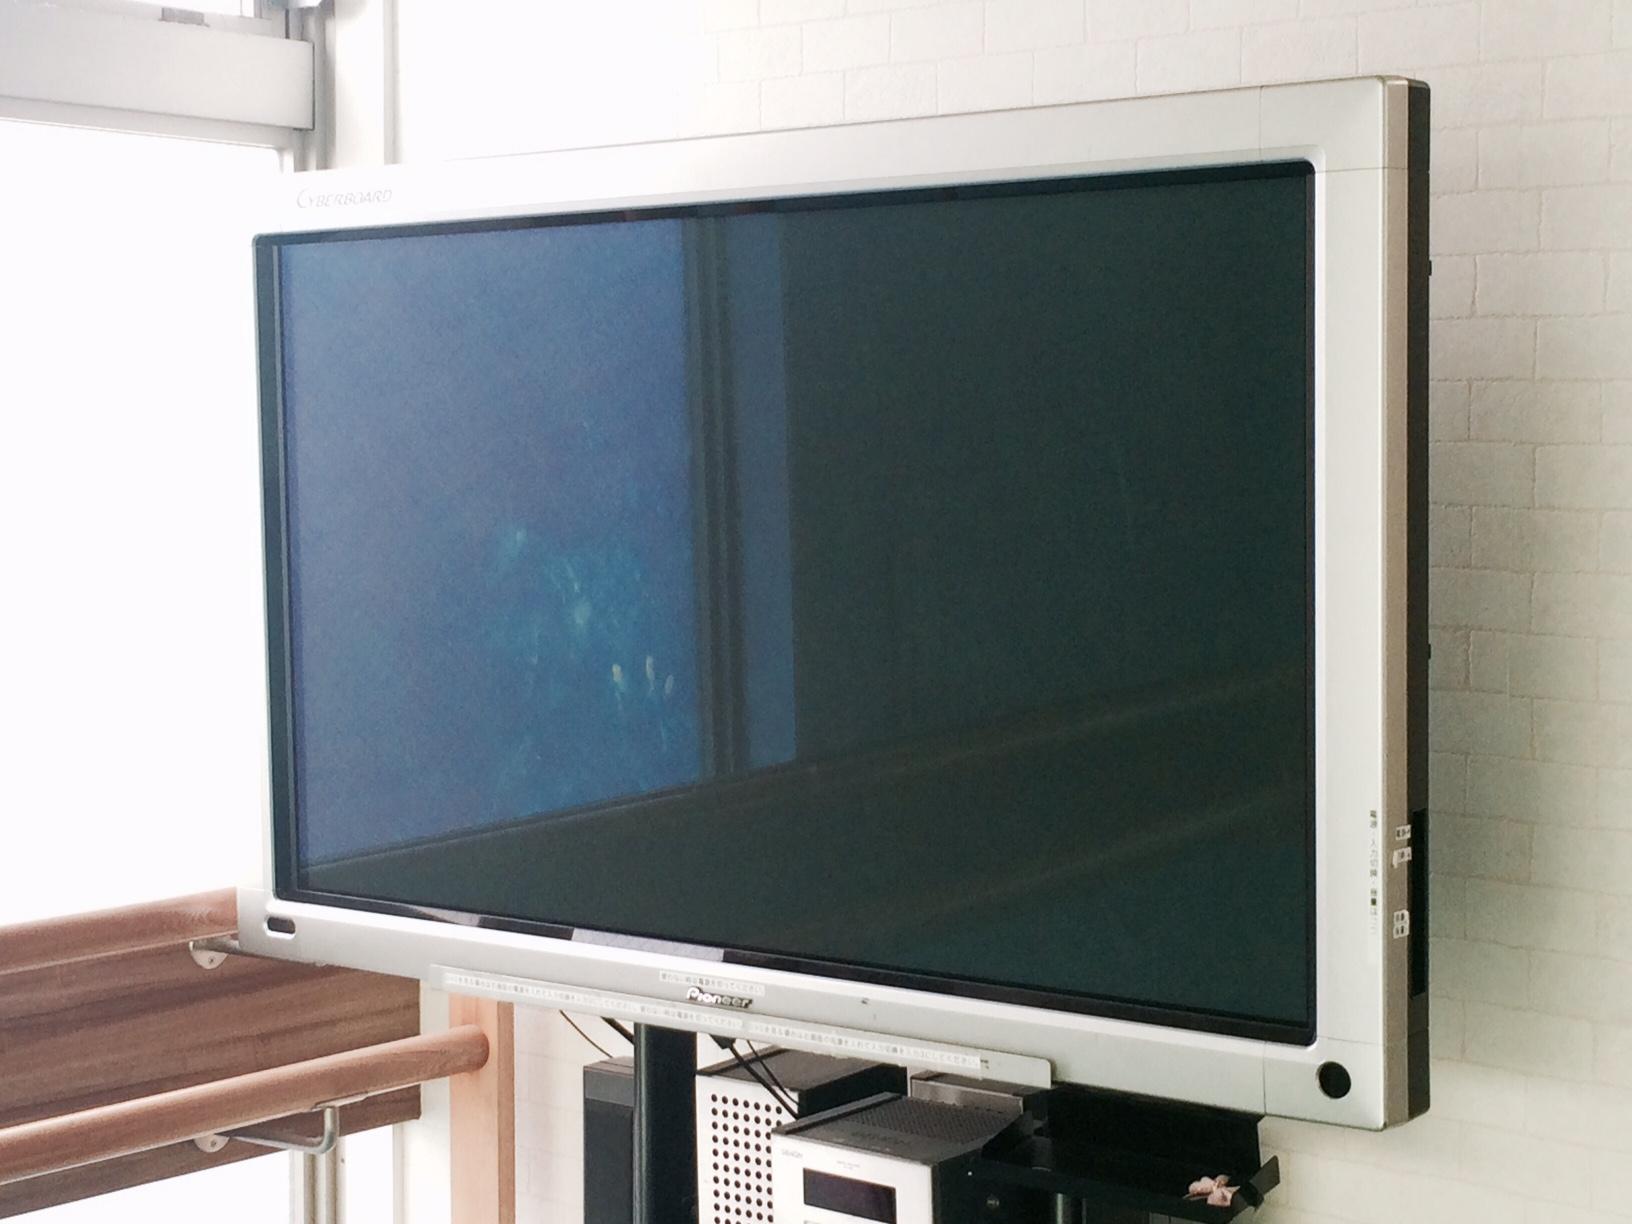 三軒茶屋 レンタルスタジオ TV モニター